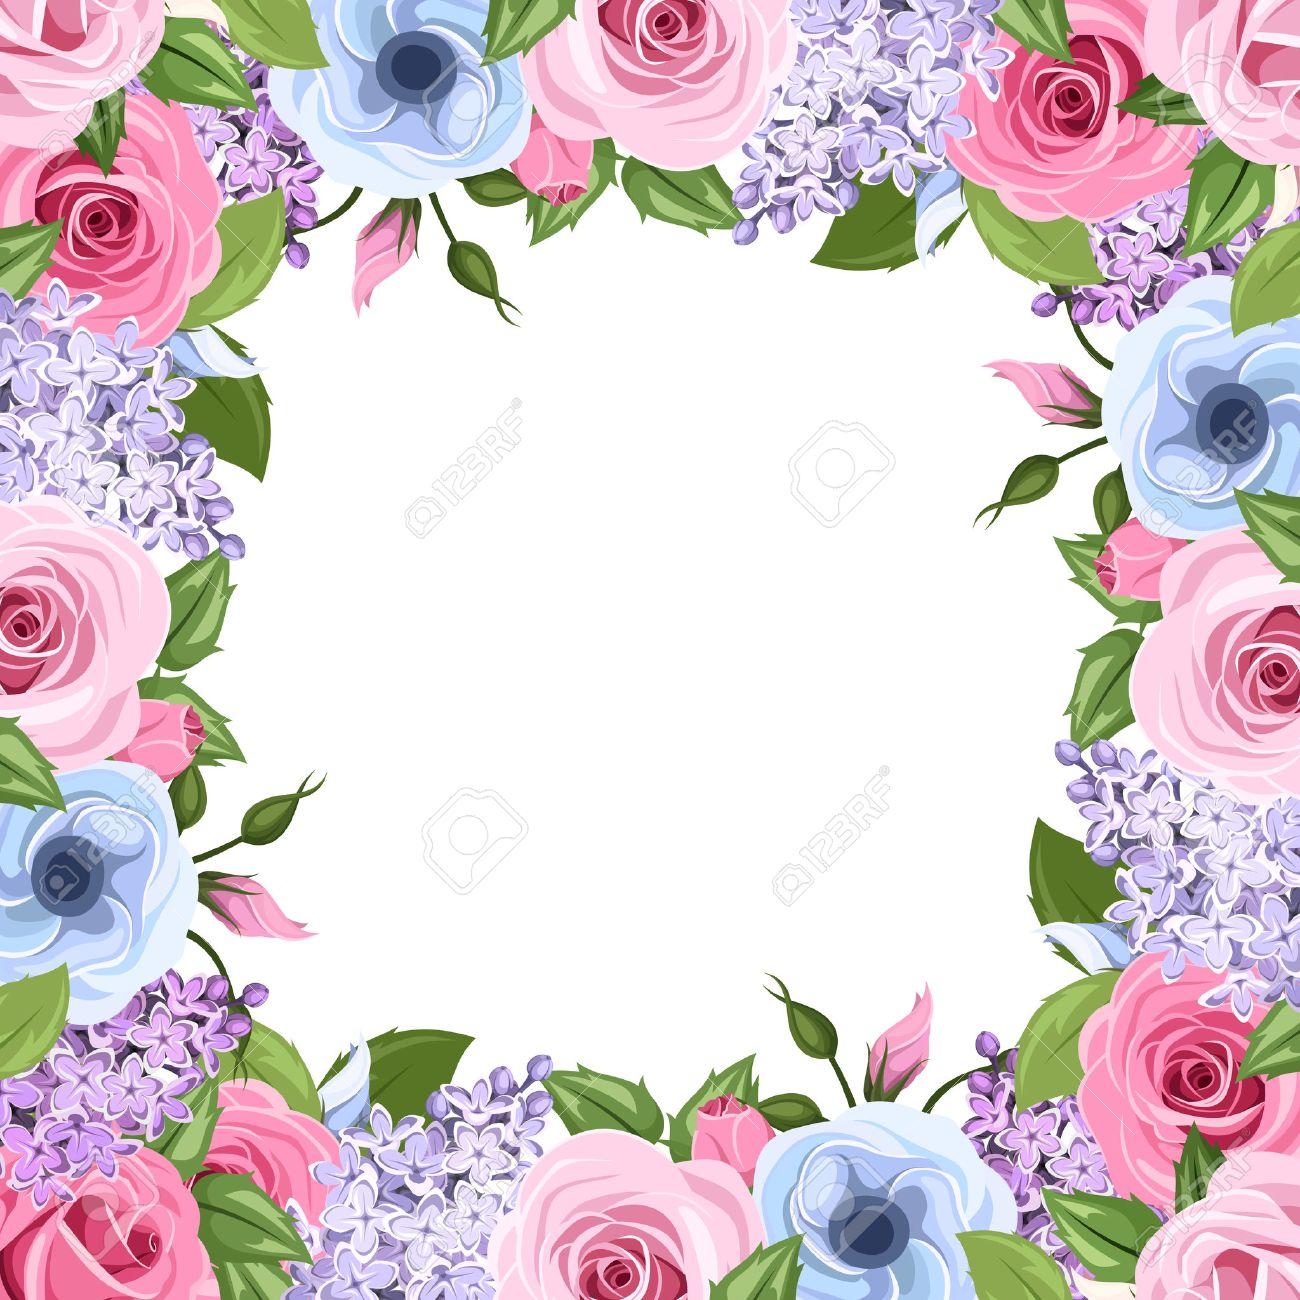 Marco Con Rosas De Color Rosa Azul Y Purpura Lisianthus Y Flores